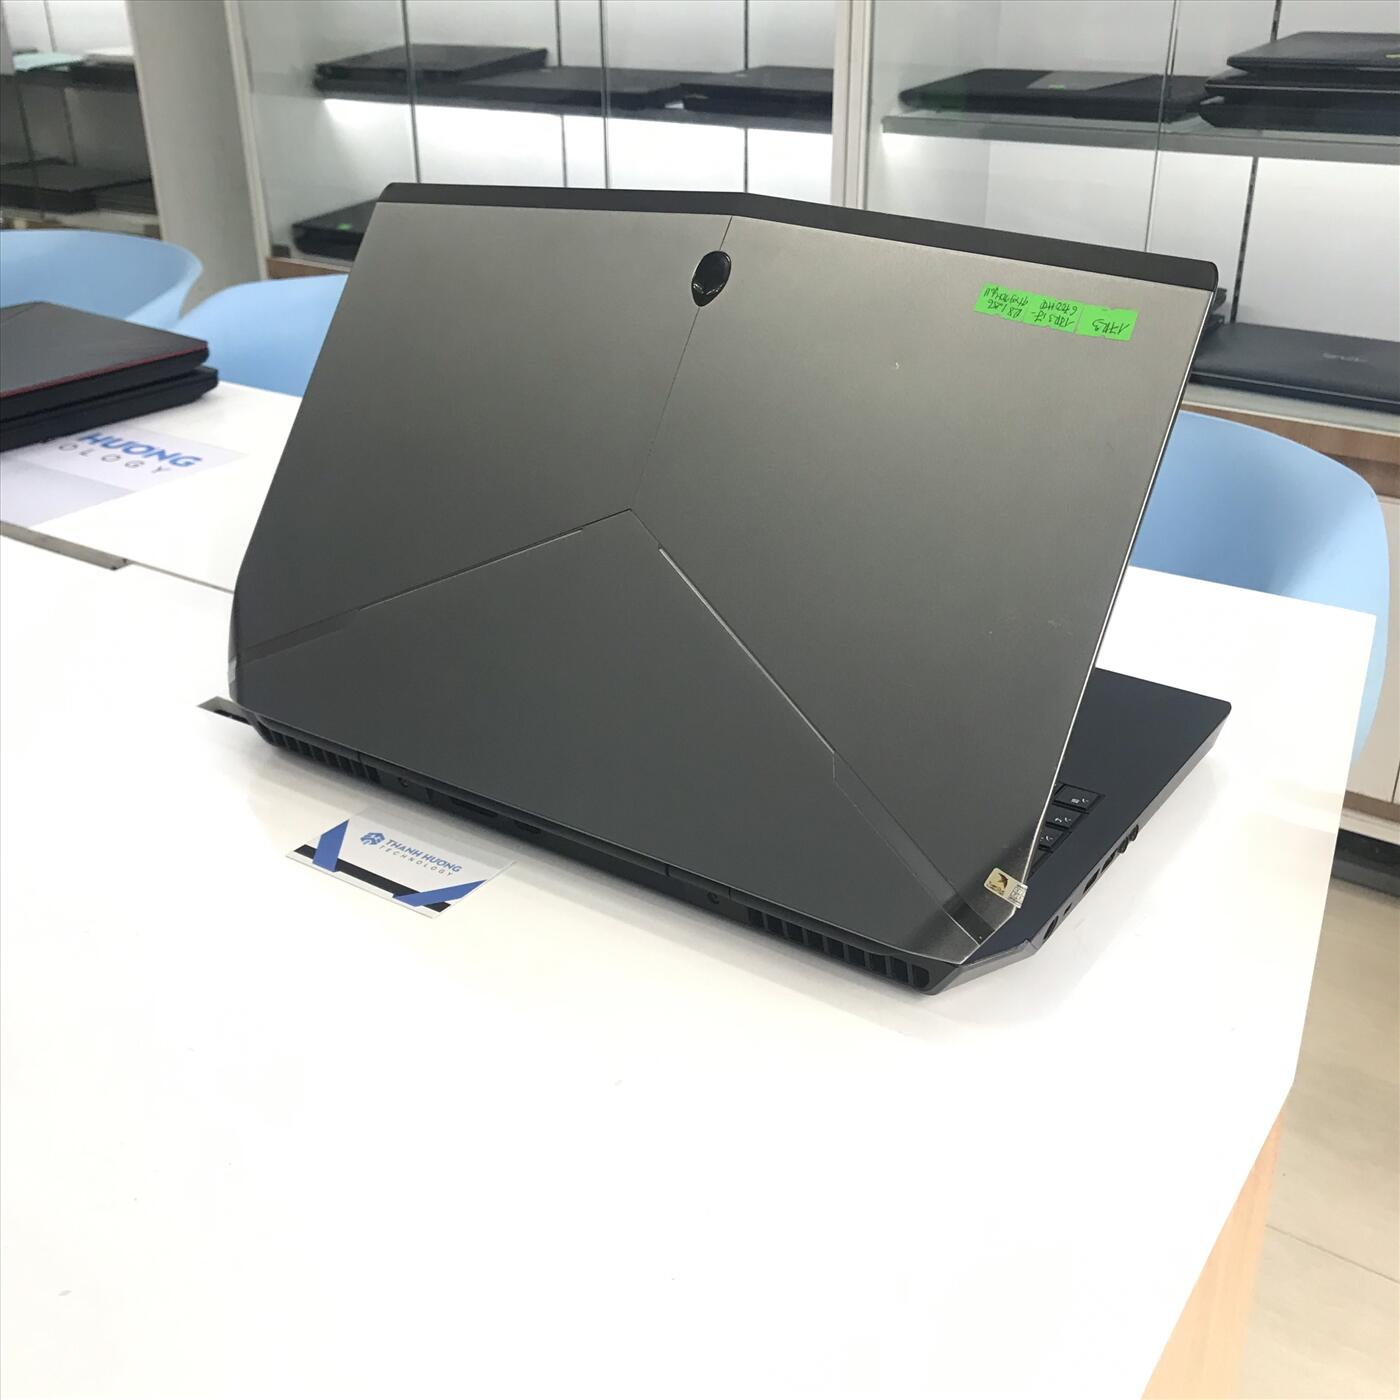 Dell Alienware 17 R3 (Core i7-6700HQ   Ram 16GB   SSD 256GB + HDD 1TB   17.3 UHD   Nvidia GTX G970M